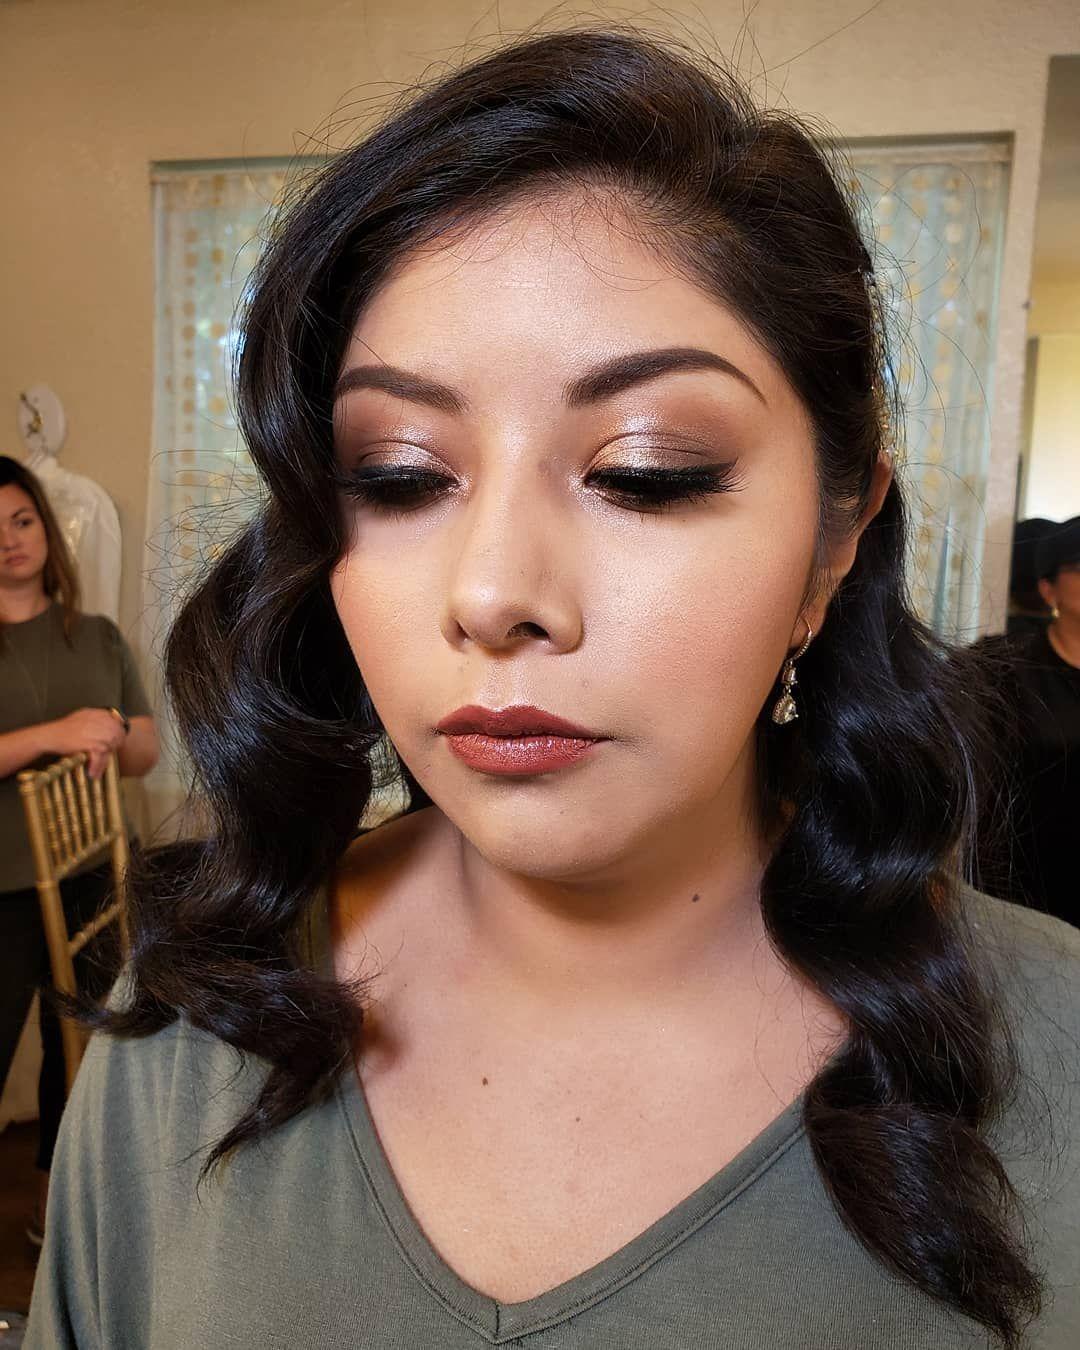 Makeup by Megan Berven at Glass Chapel in Broken Arrow